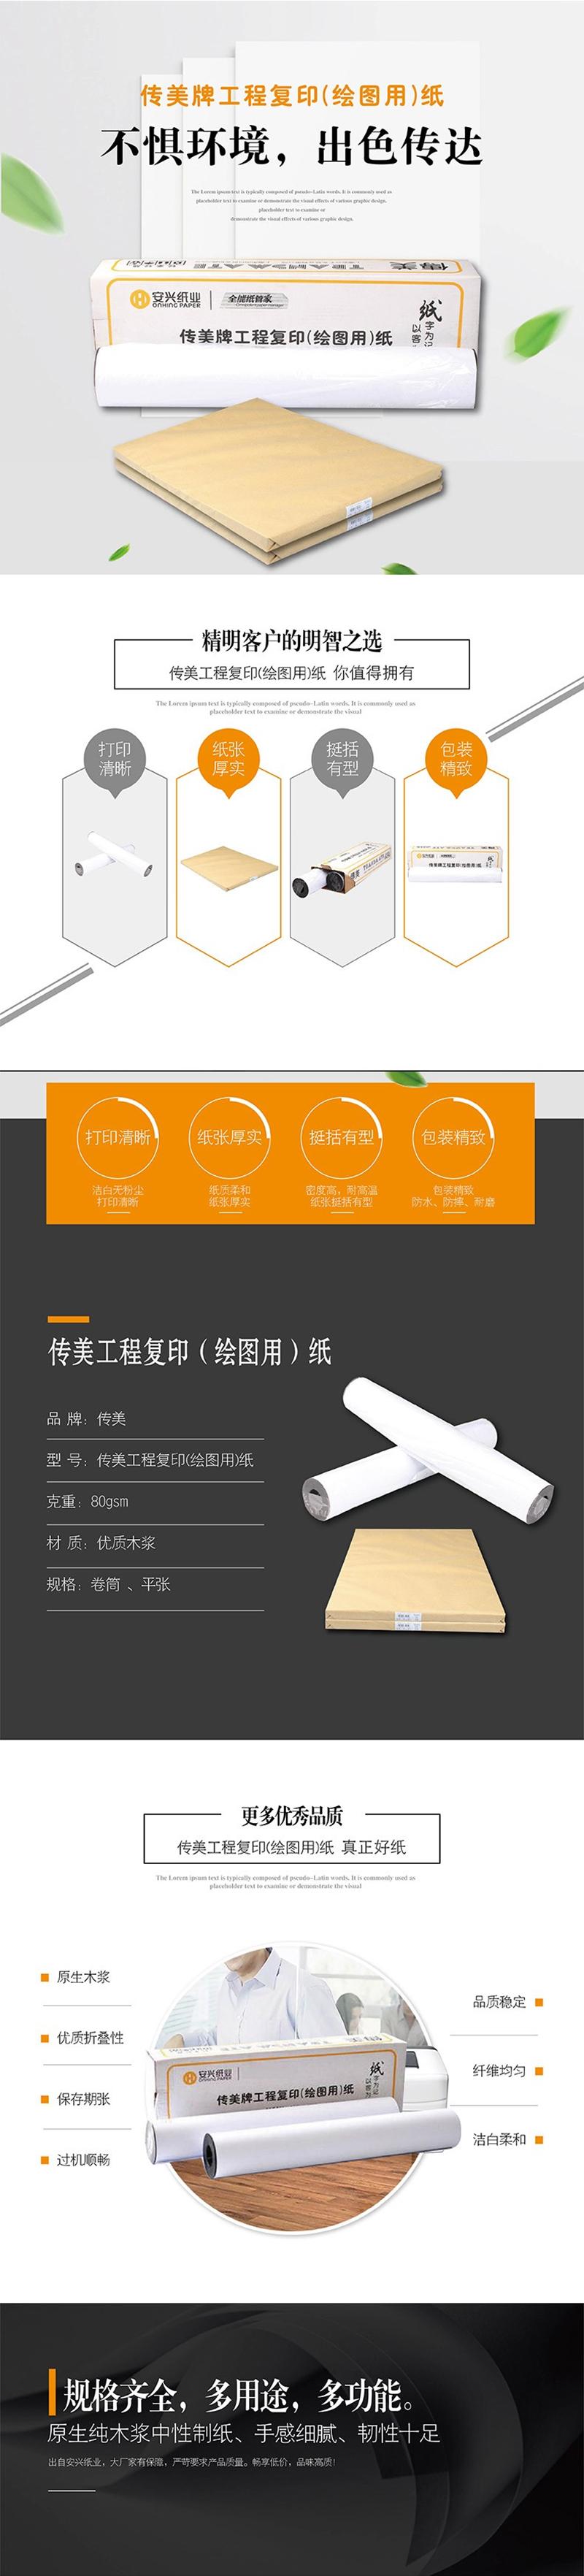 80g 594*150传美工程复印纸